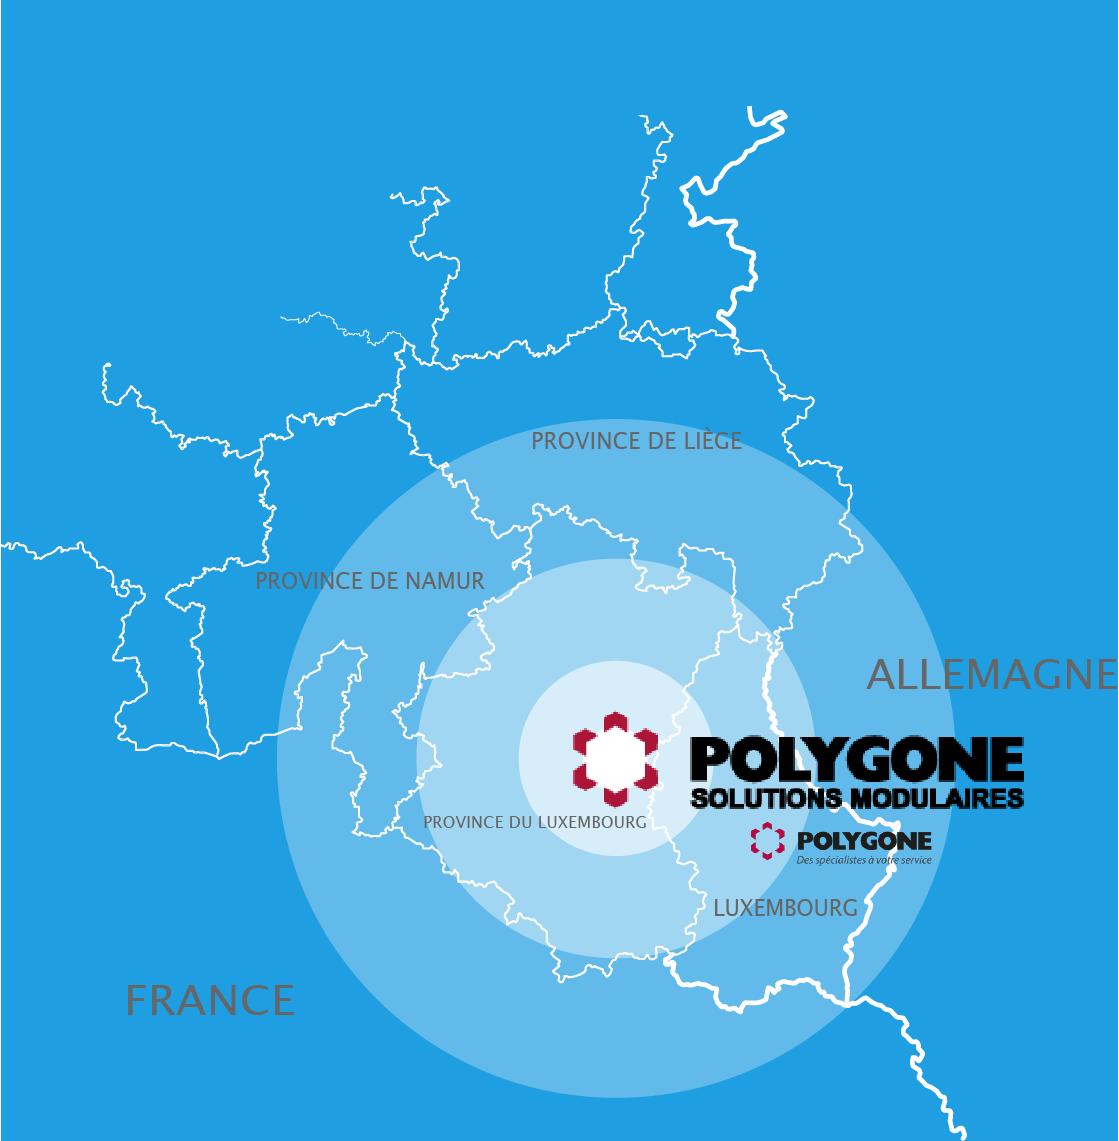 Polygone en Belgique